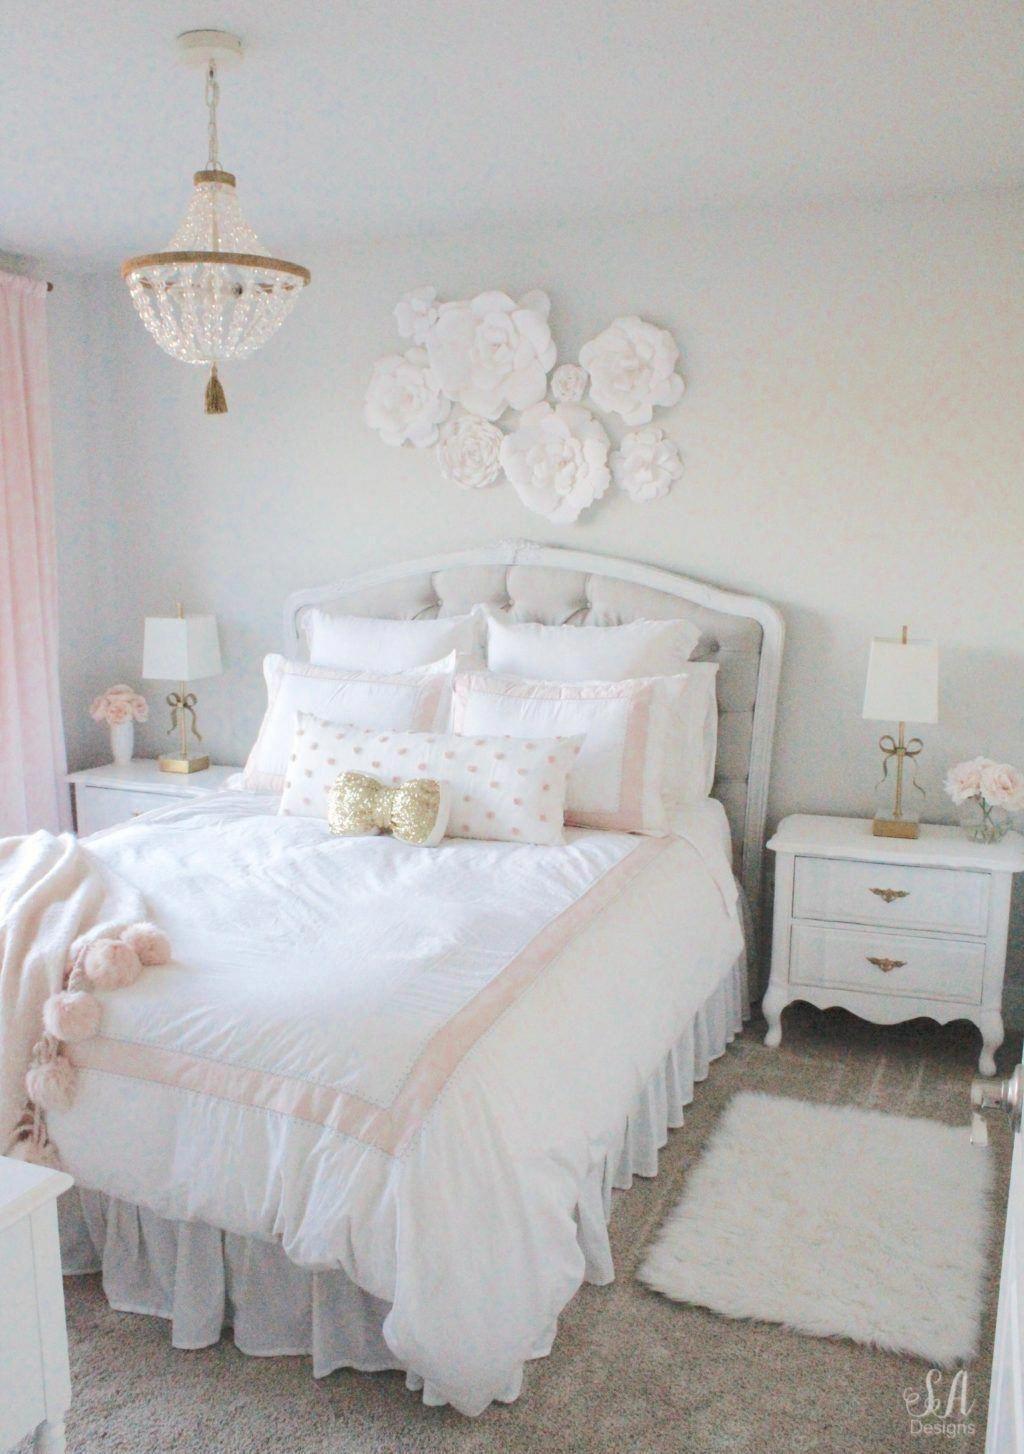 861 Mejores Habitaciones De Lujo Del Dormitorio O Master Dormitorioglamour Greyandp Cosas De Dormitorio Decoracion De La Habitacion Estilo De Dormitorio